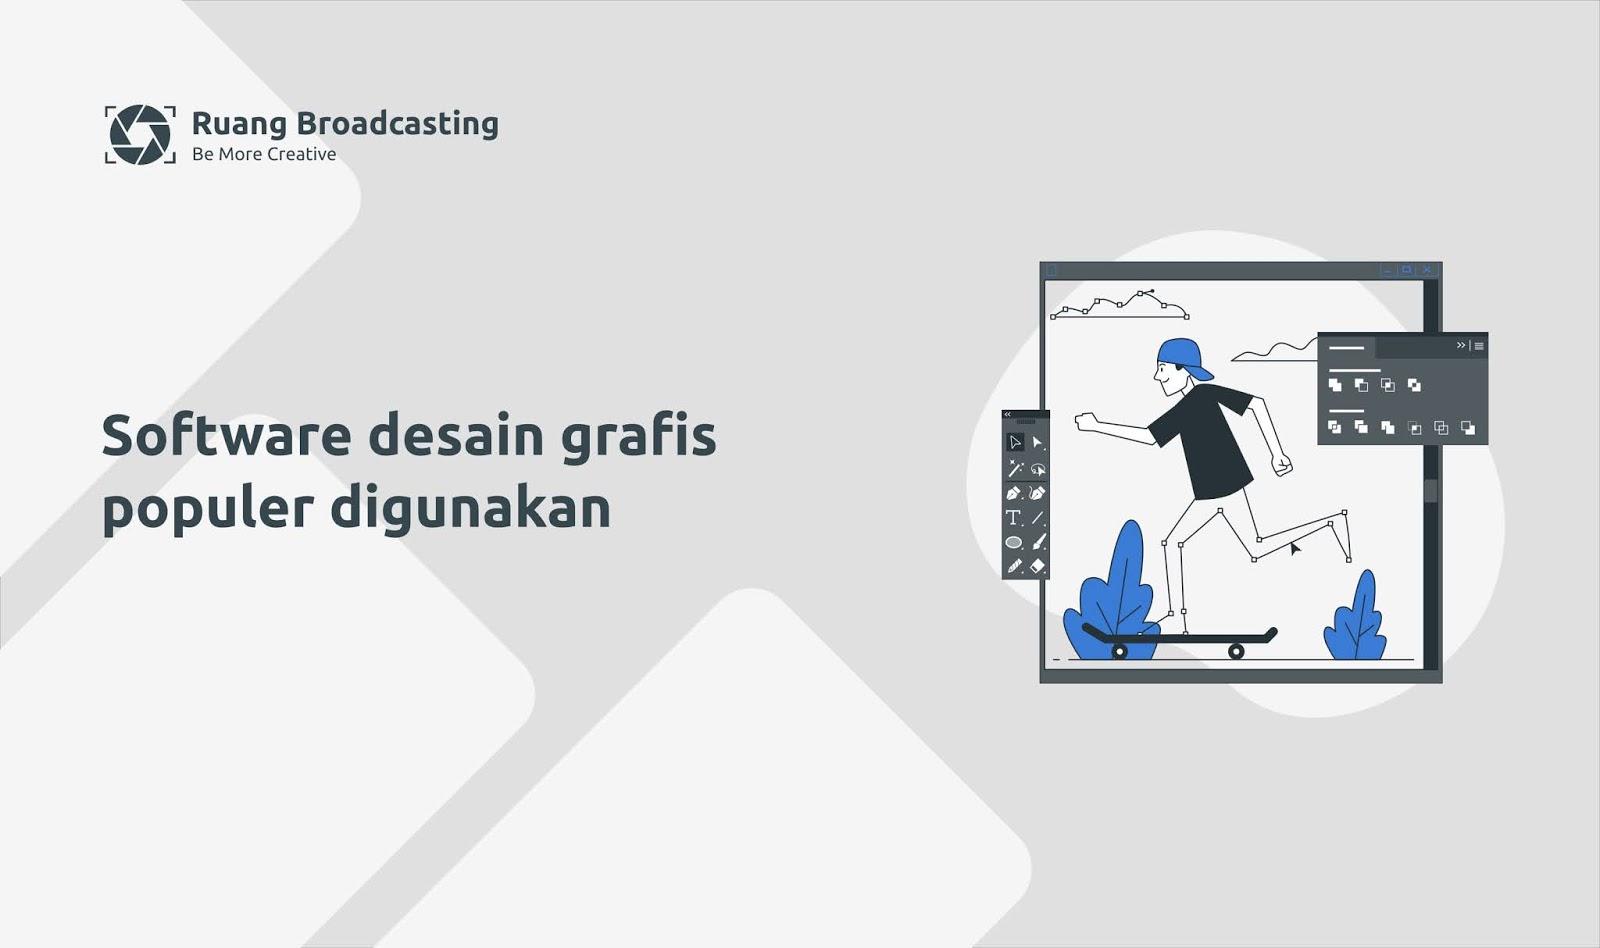 Software desain grafis yang populer digunakan